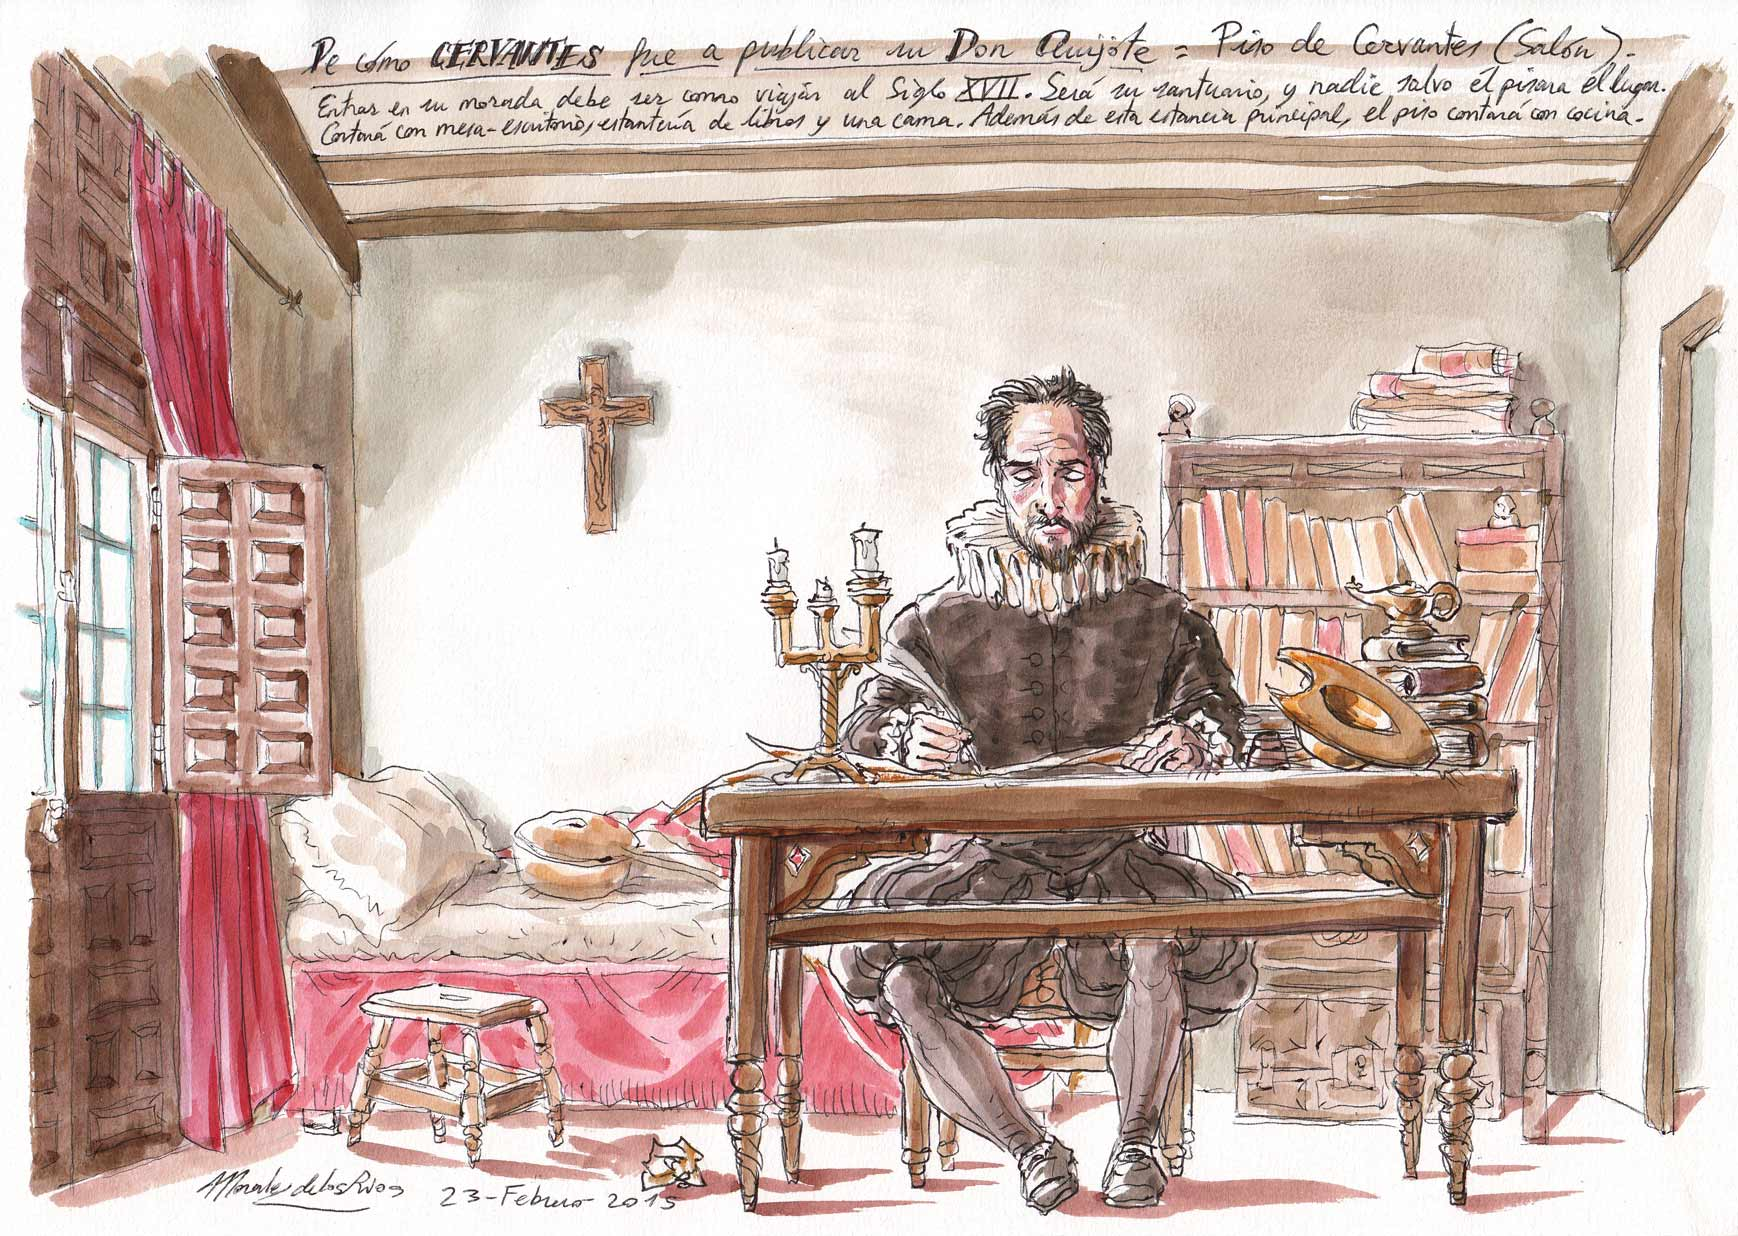 CERVANTES - Piso de Cervantes (Salón)